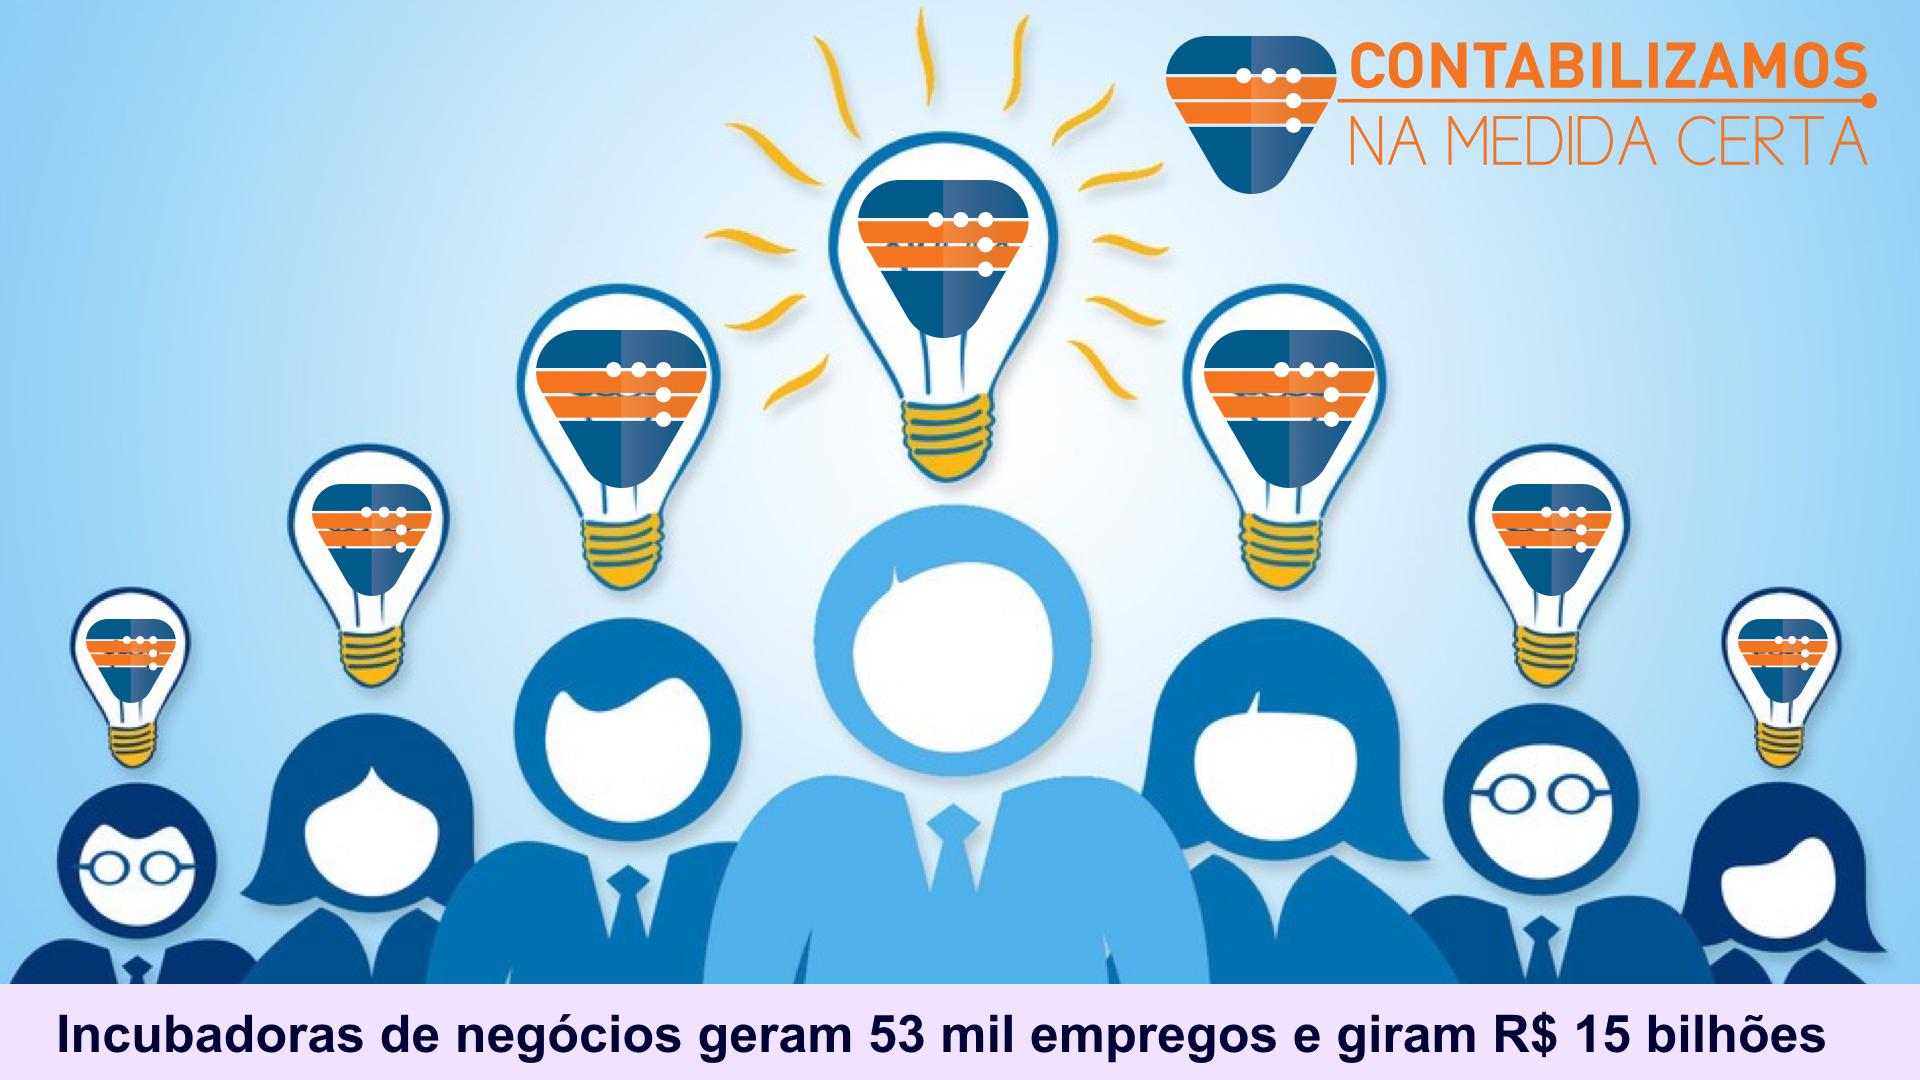 Incubadoras De Negócios Geram 53 Mil Empregos E Giram R$ 15 Bilhões